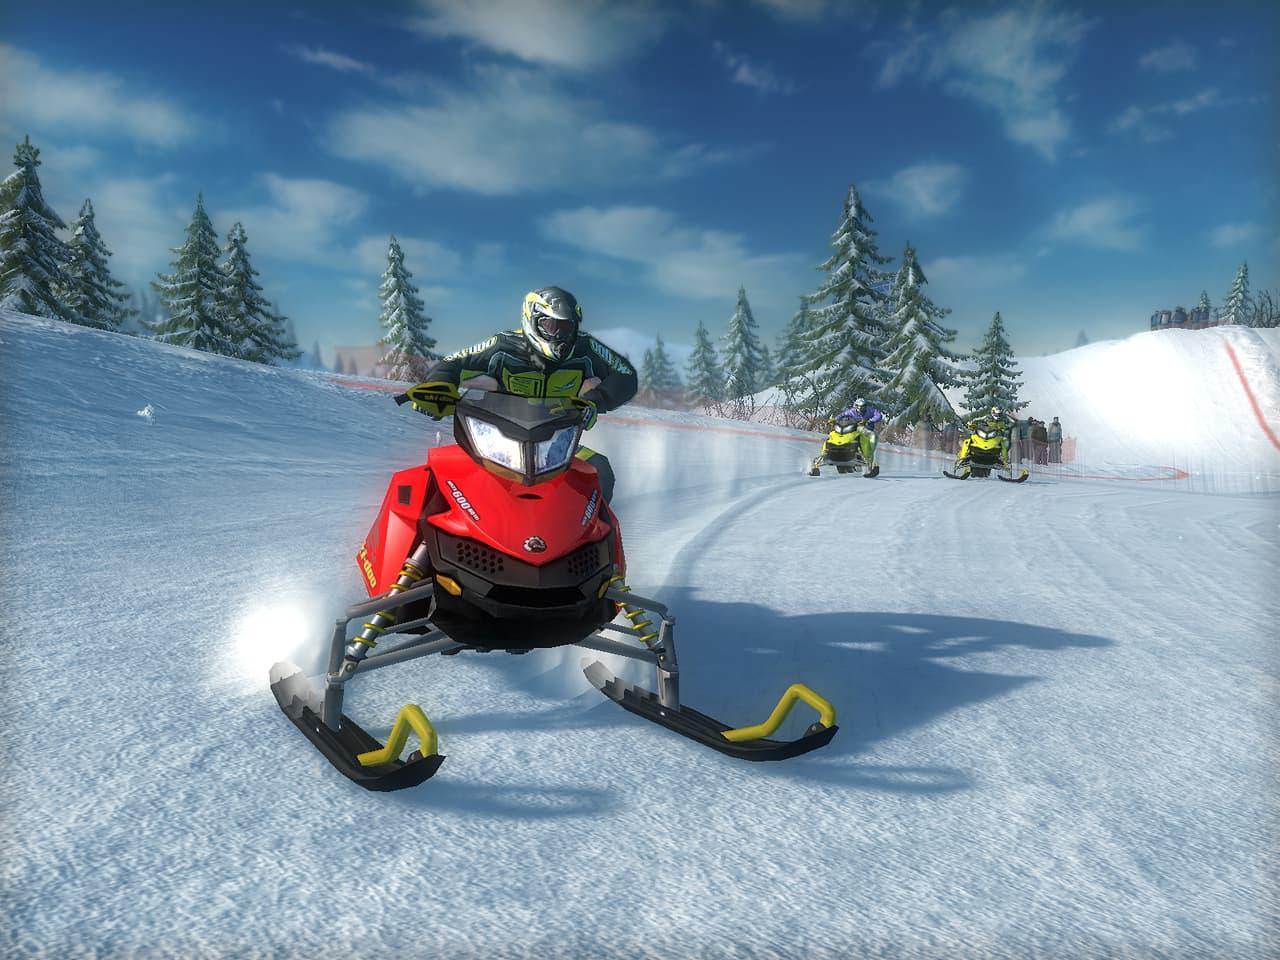 Ski Doo: Snowmobile Challenge Xbox